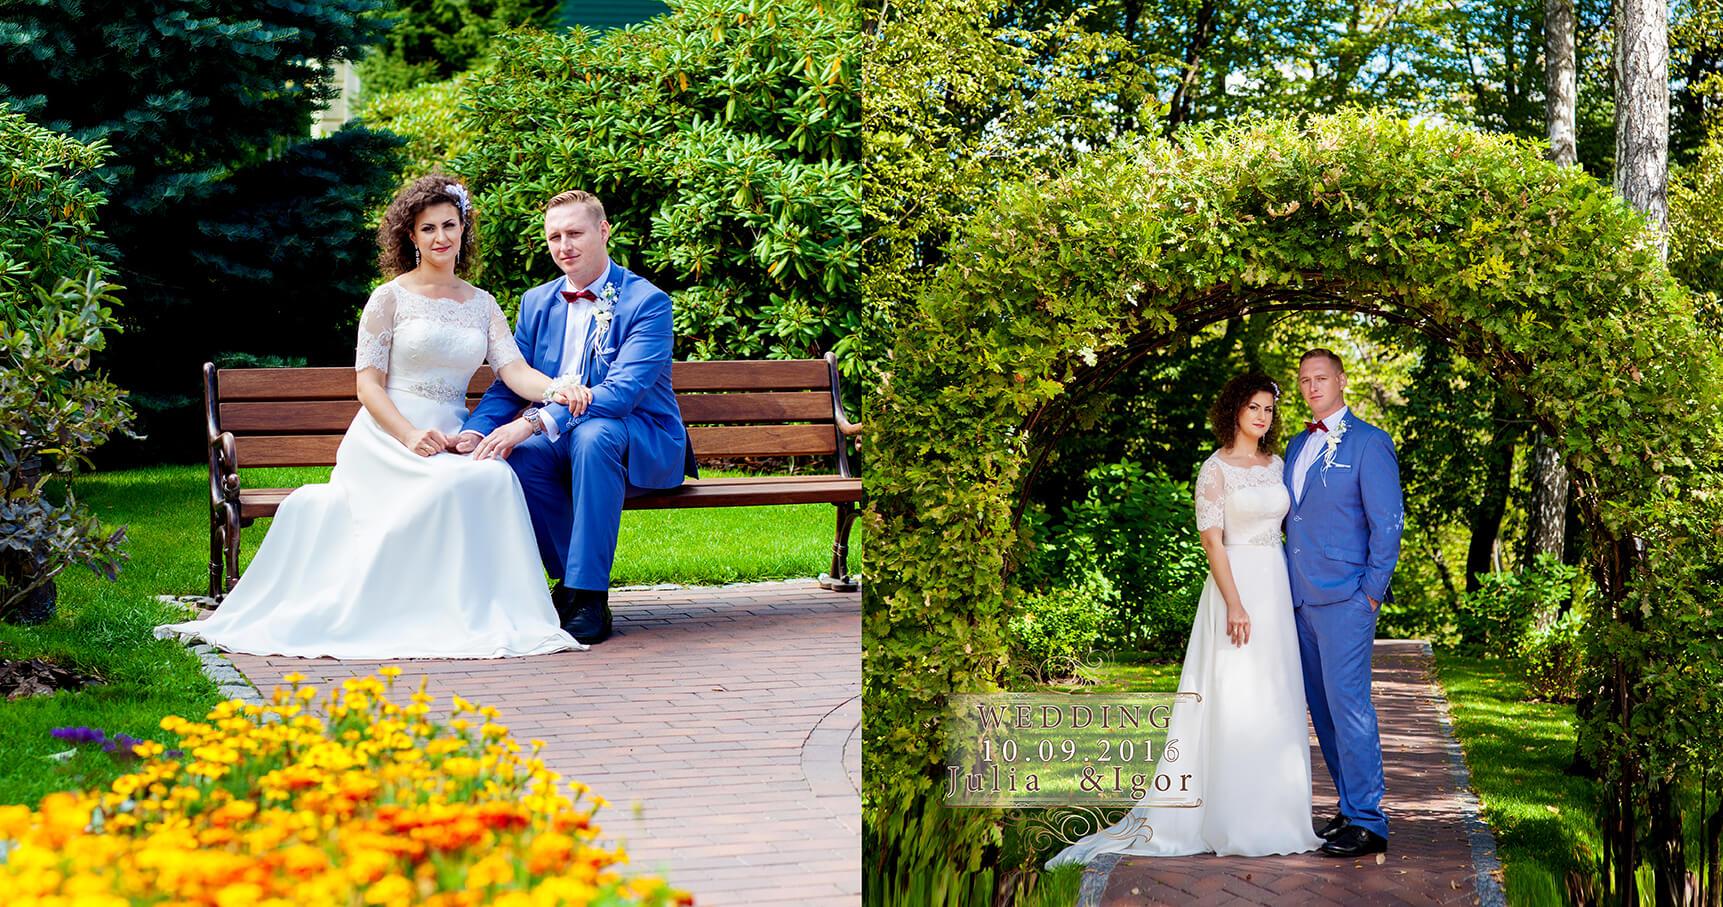 svadebnaja-fotokniga-albom-zakazat-fotograf-kiev-primery-13